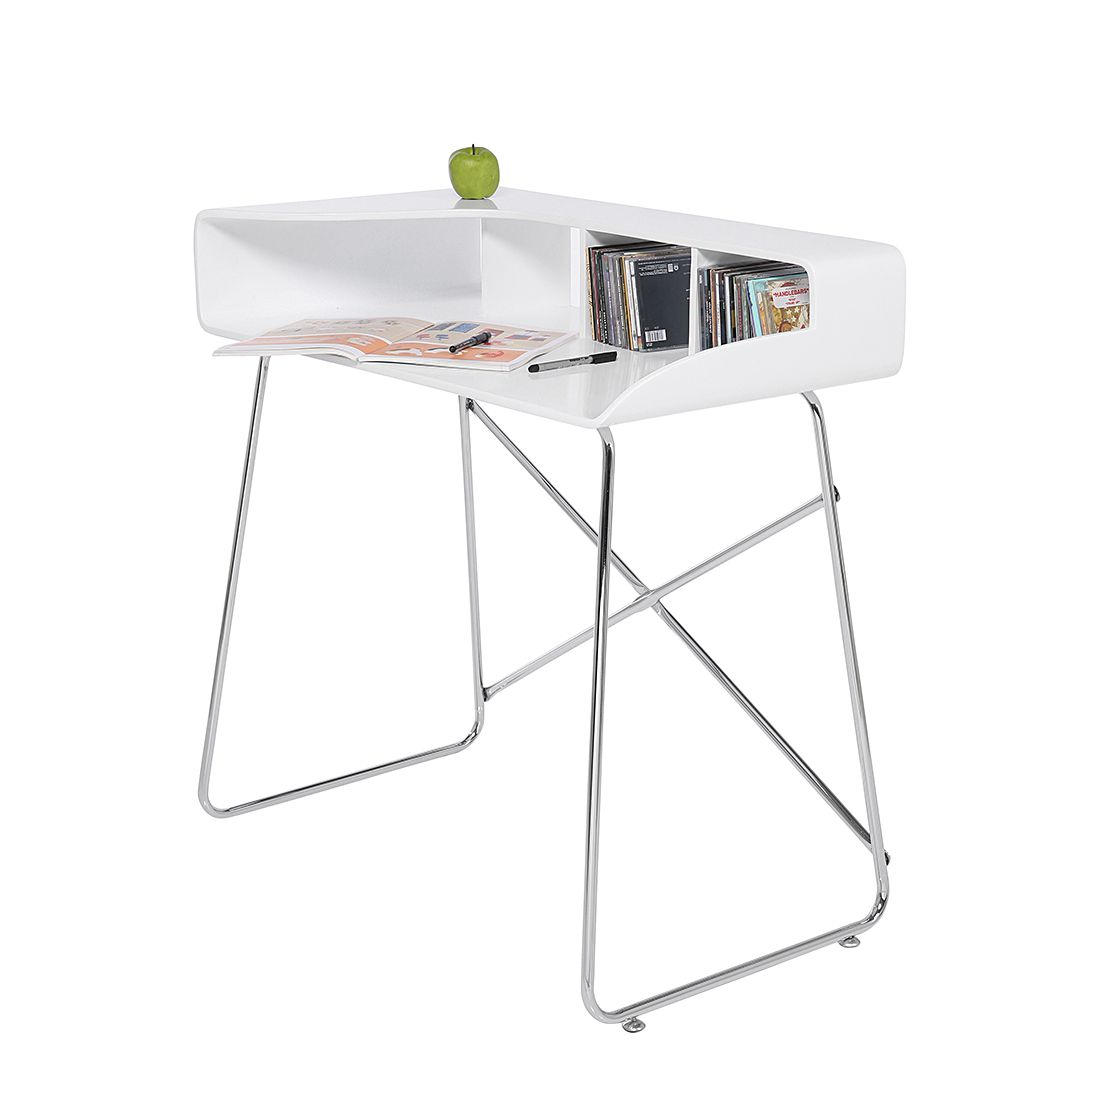 laptoptisch alexis wei home24 von home24. Black Bedroom Furniture Sets. Home Design Ideas